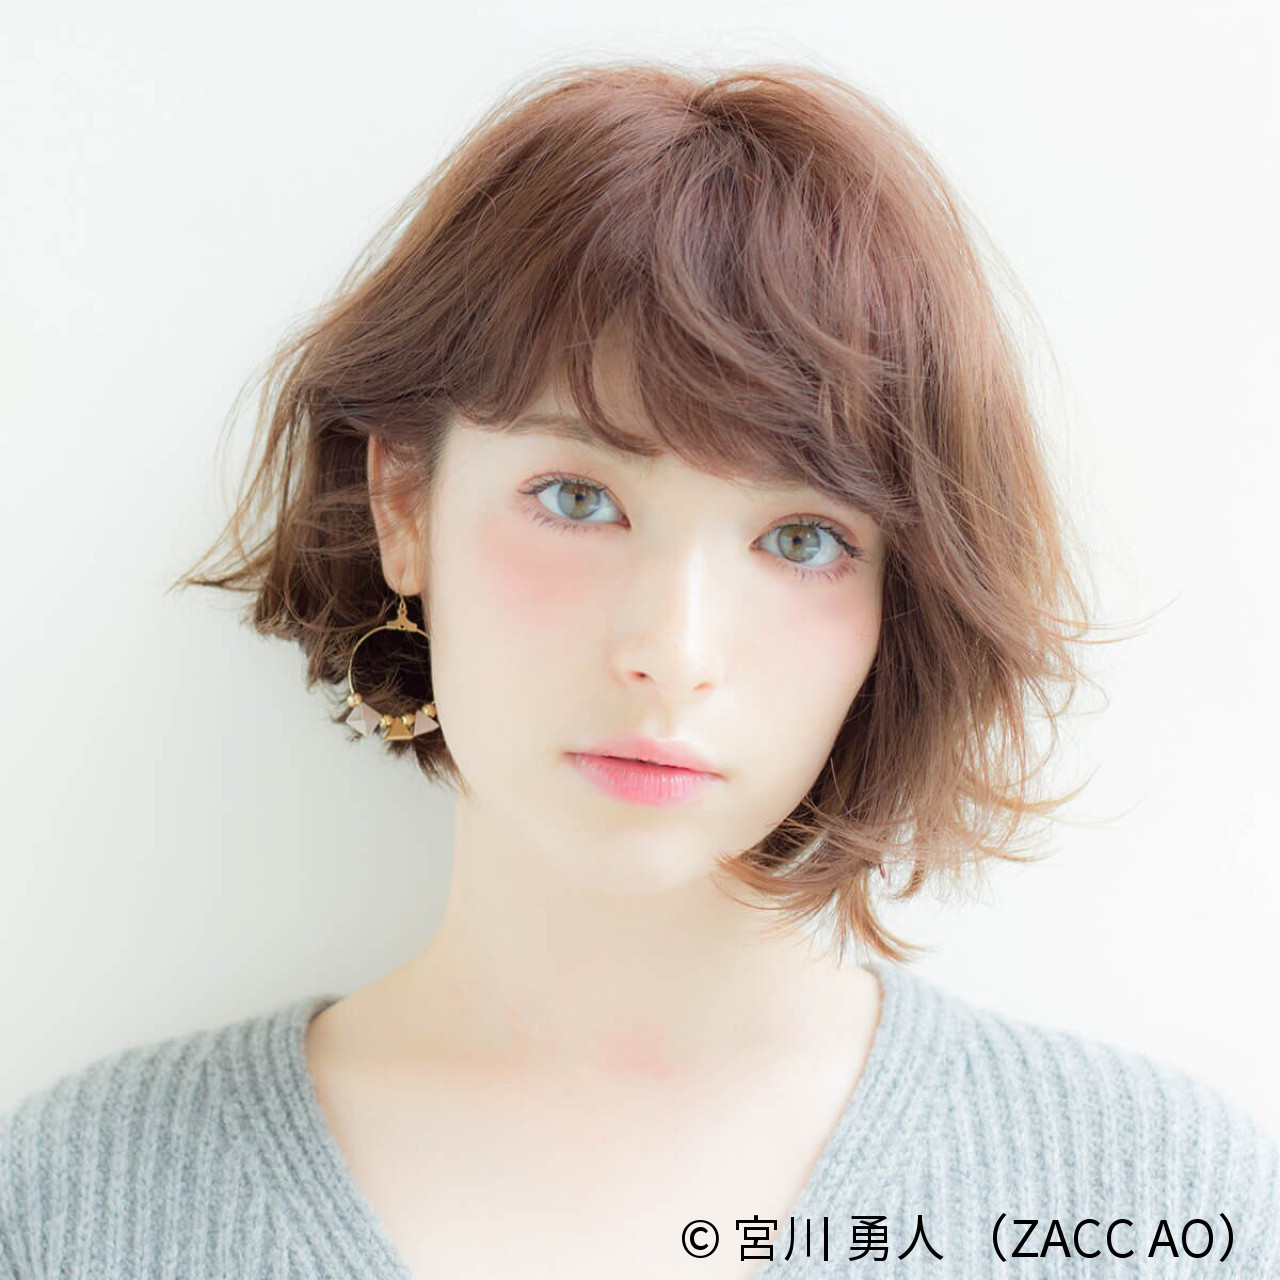 ザクザクがおしゃれ♡「シースルーバング」「ザクザクバング」でサクッとイメチェン☆ 宮川 勇人 / ZACC